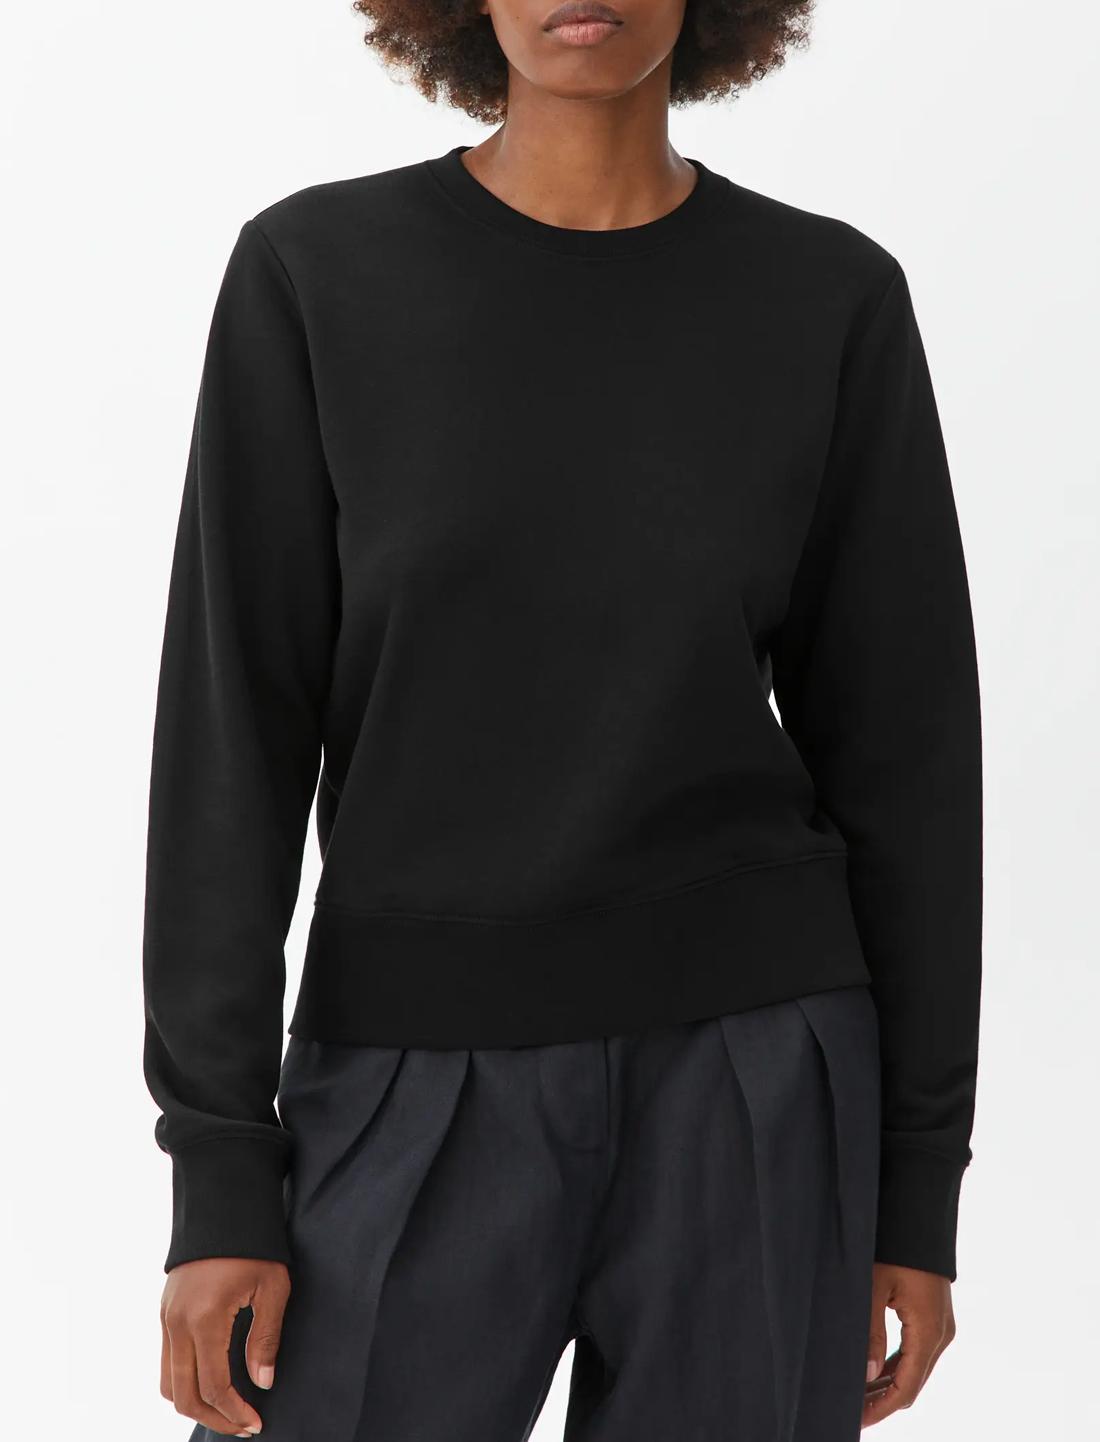 black sweatshirt arket women